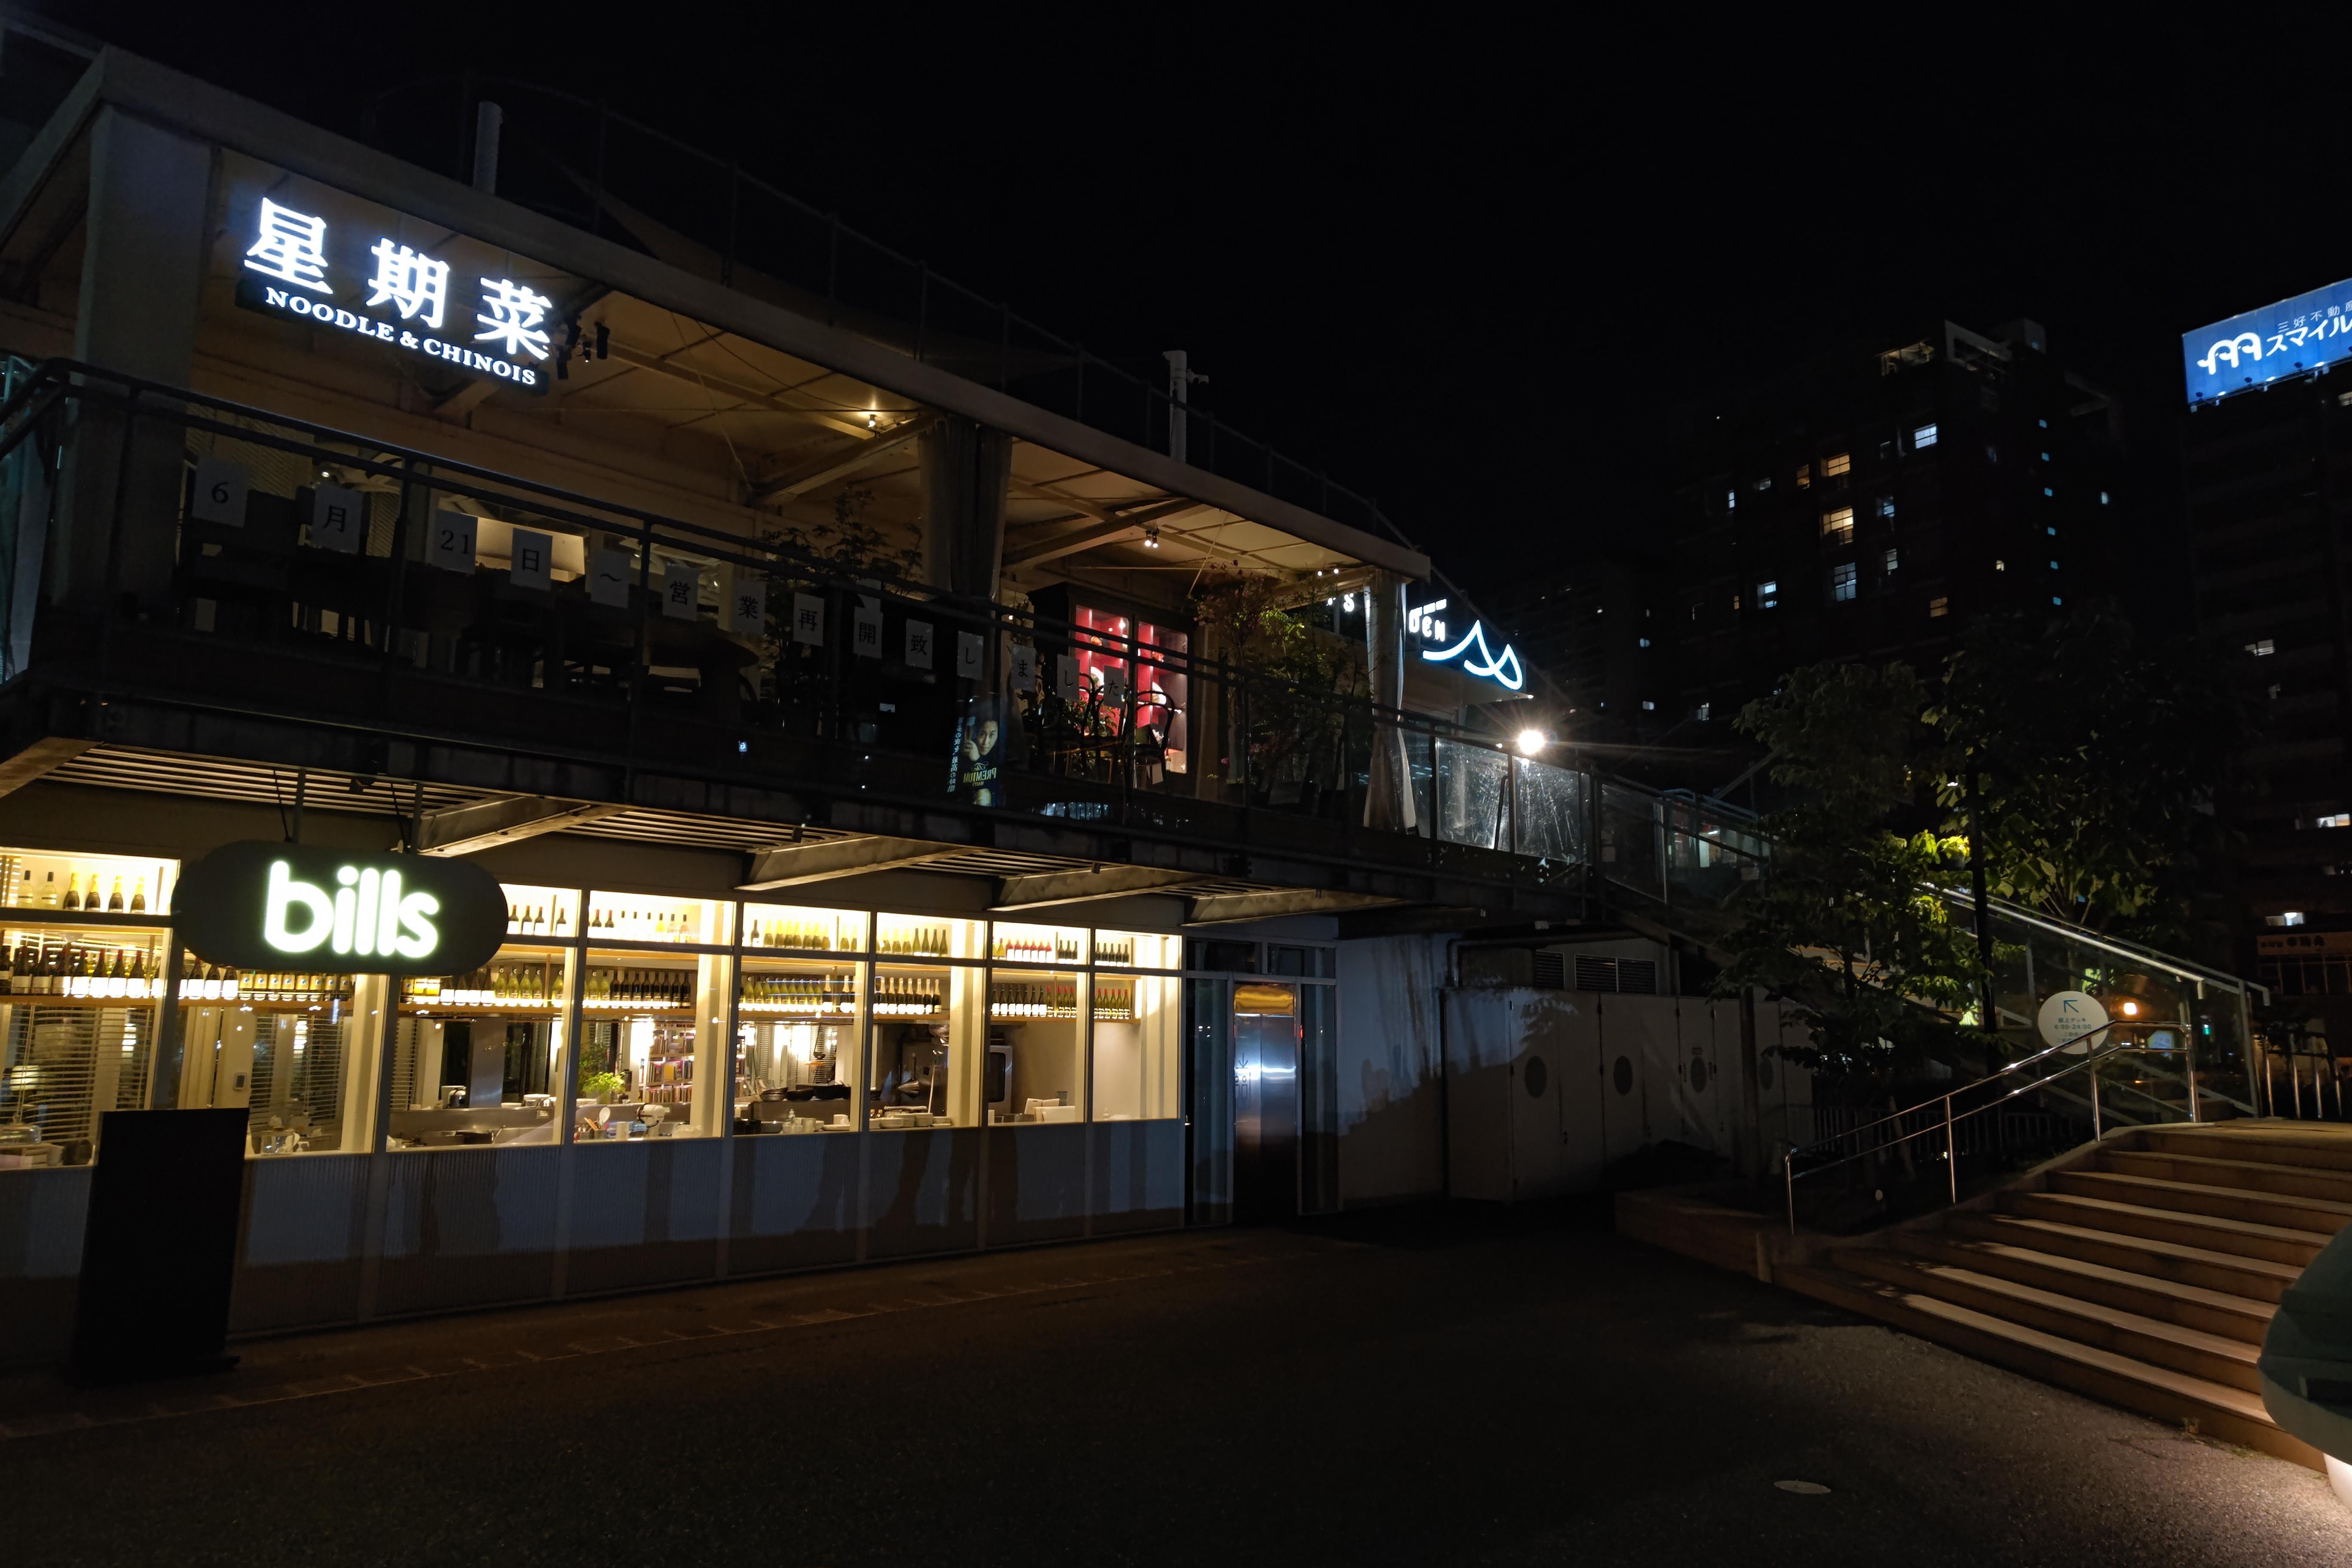 通常撮影でも、バランスのいい夜景が撮れる。ノイズレベルは十分抑えられている<br>AQUOS R6 SUMMICRON 1:1.9/19 ASPH.(1/100秒)ISO 566